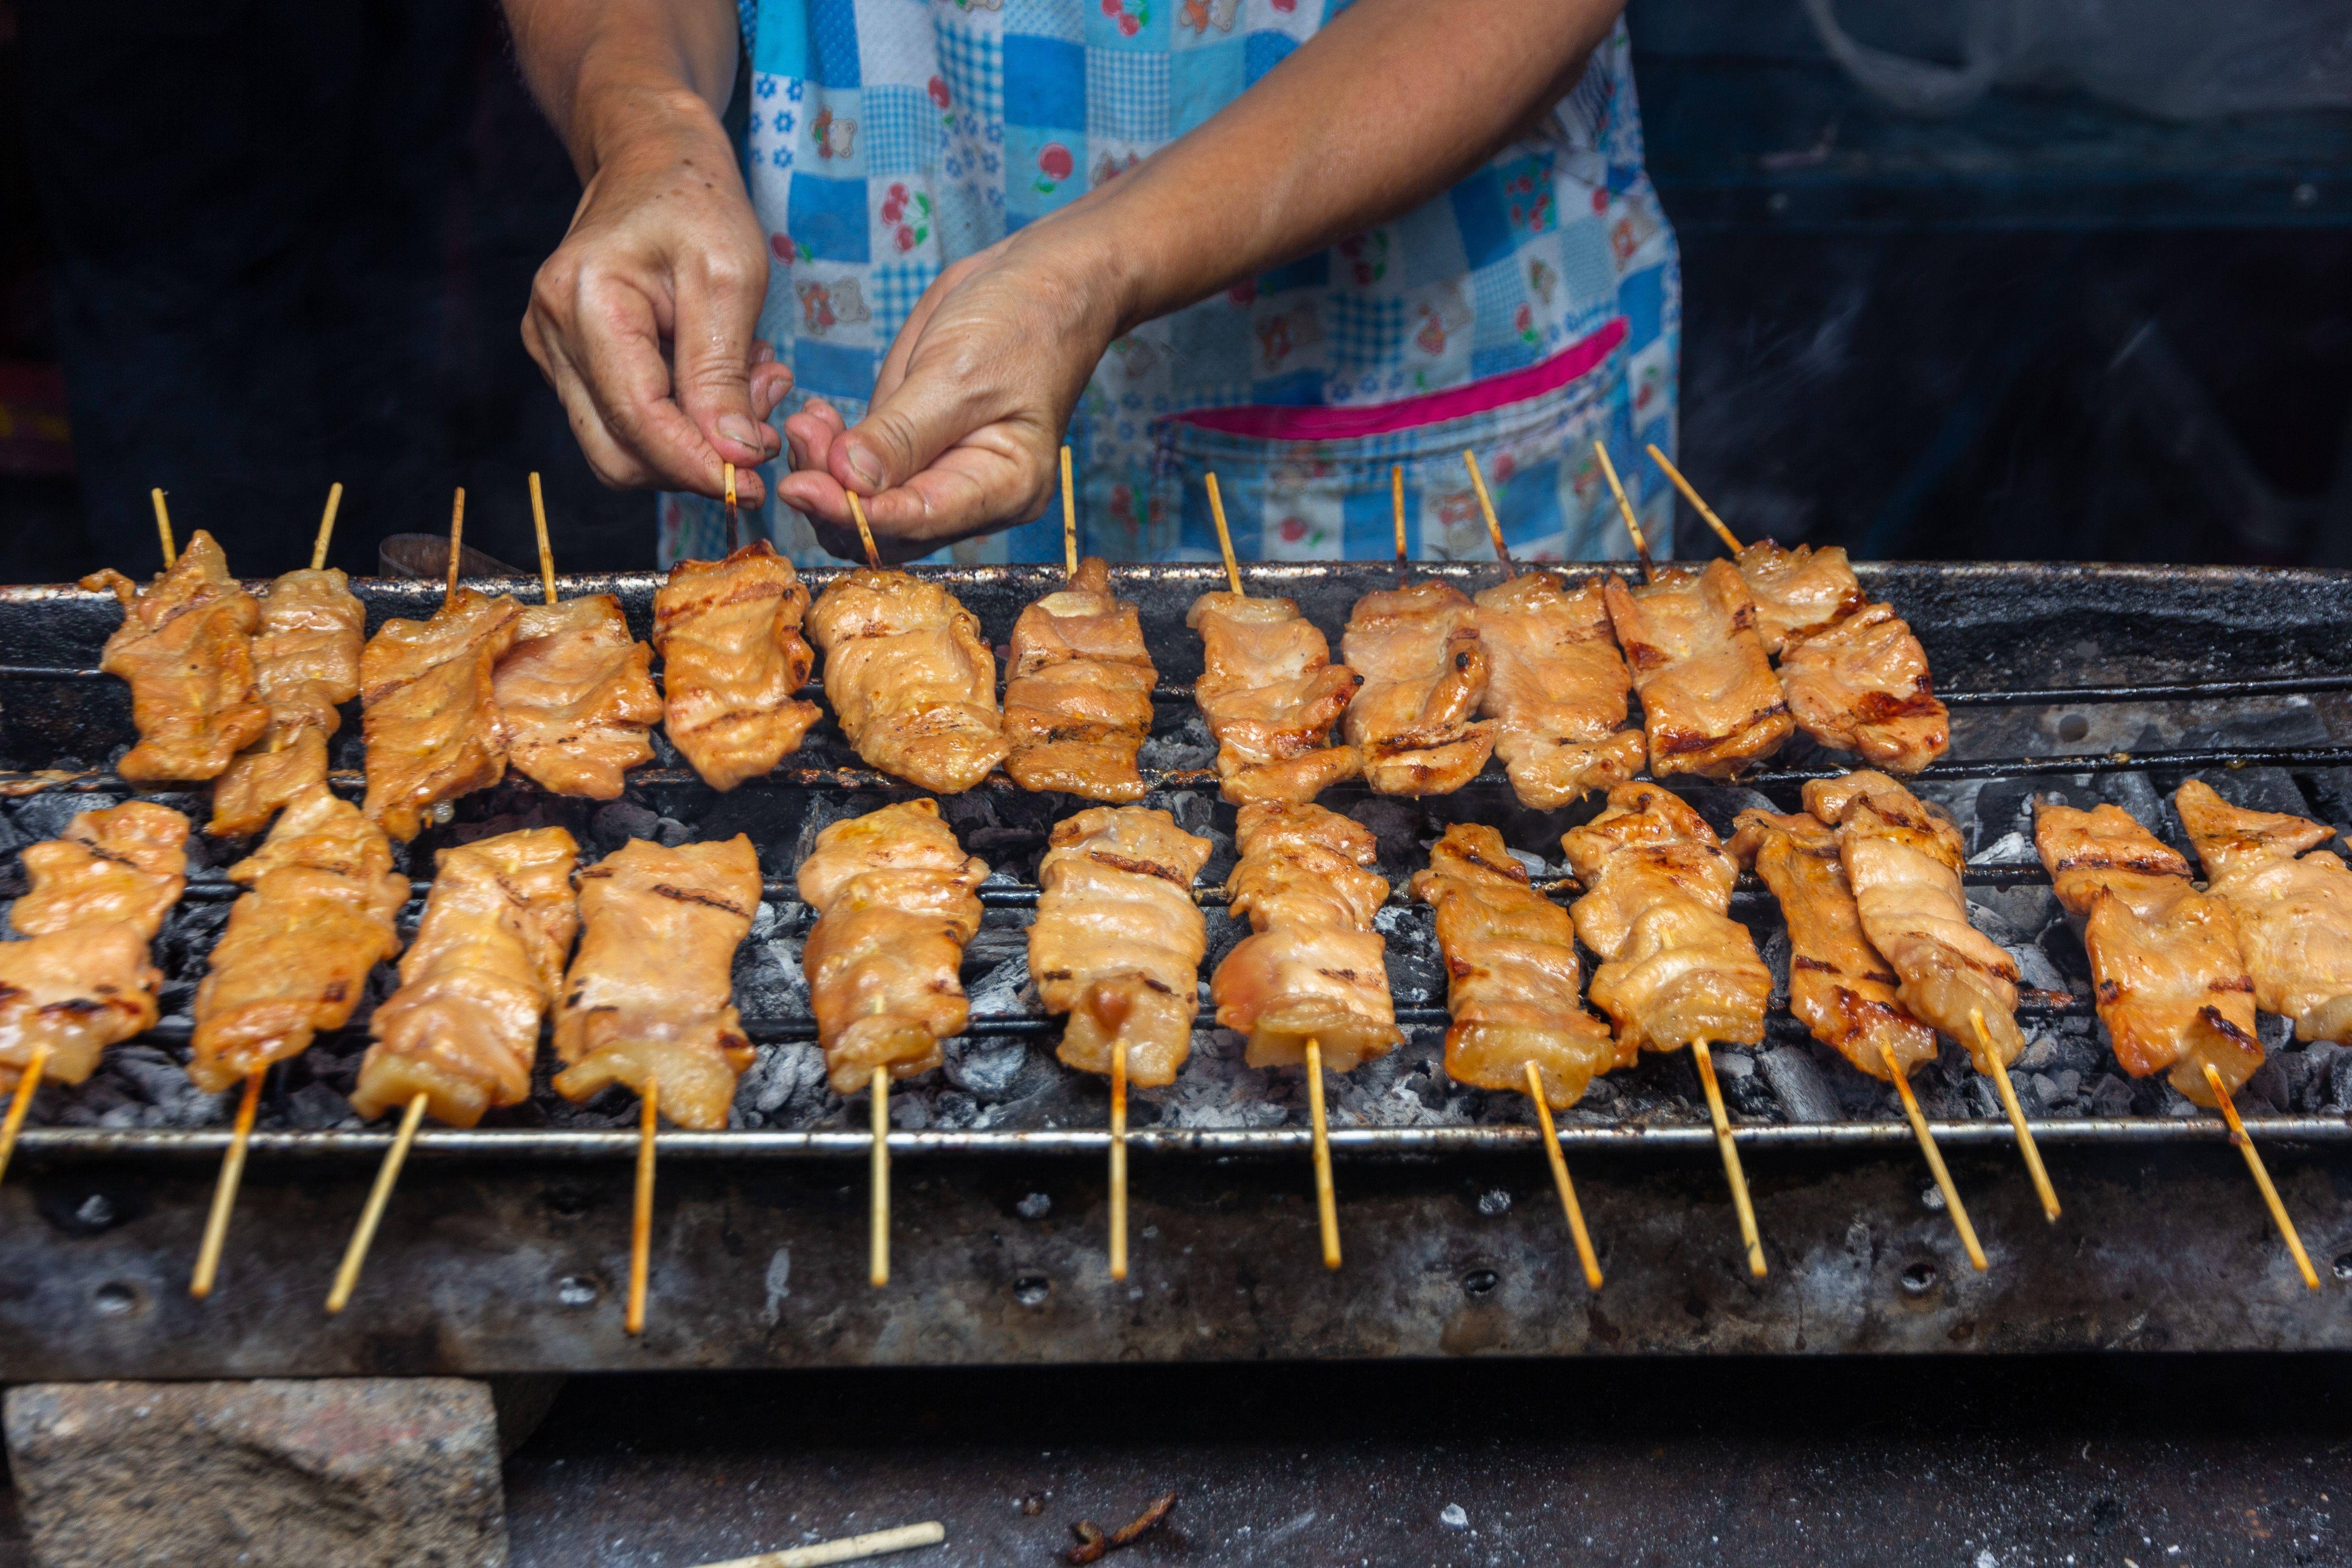 Vendor grilling moo ping (pork skewers) in Thailand